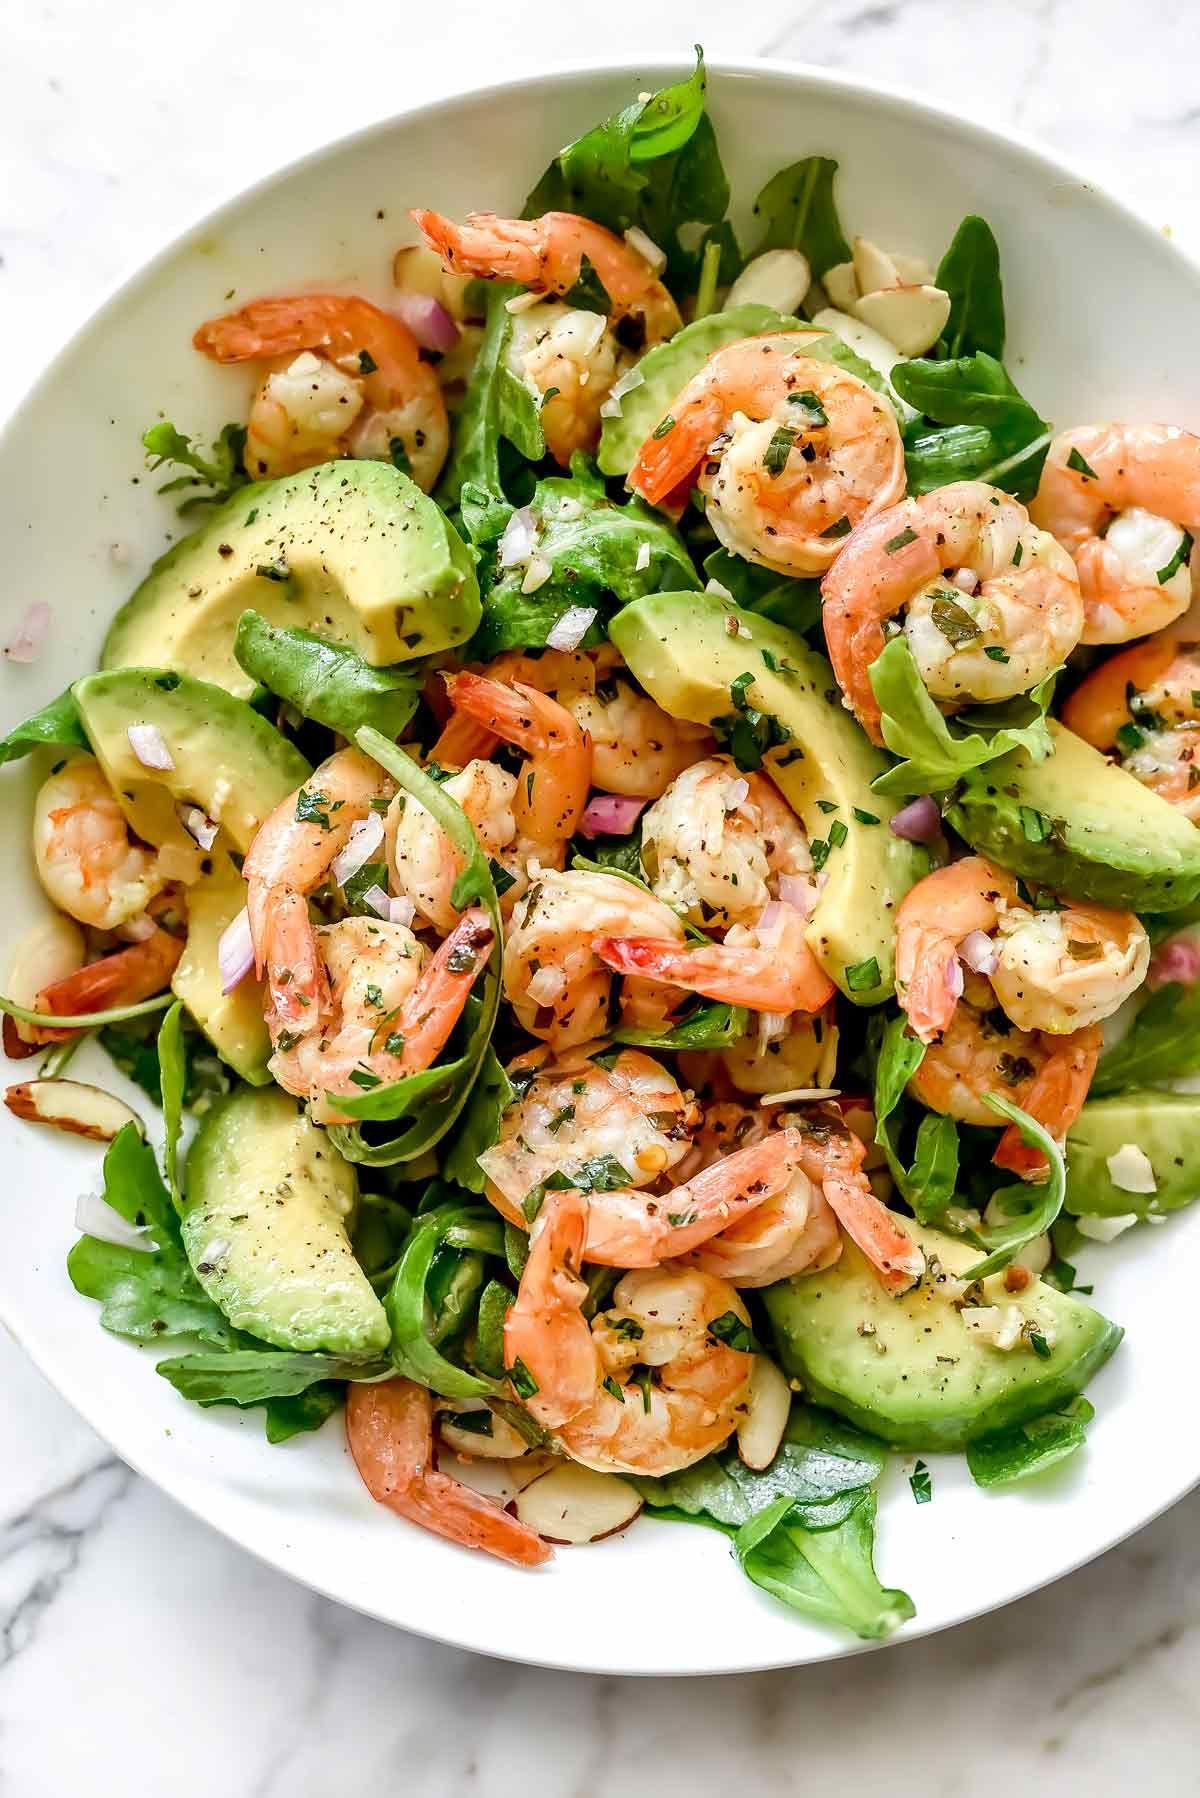 Asparagus Recipes Sauteed With Shrimp